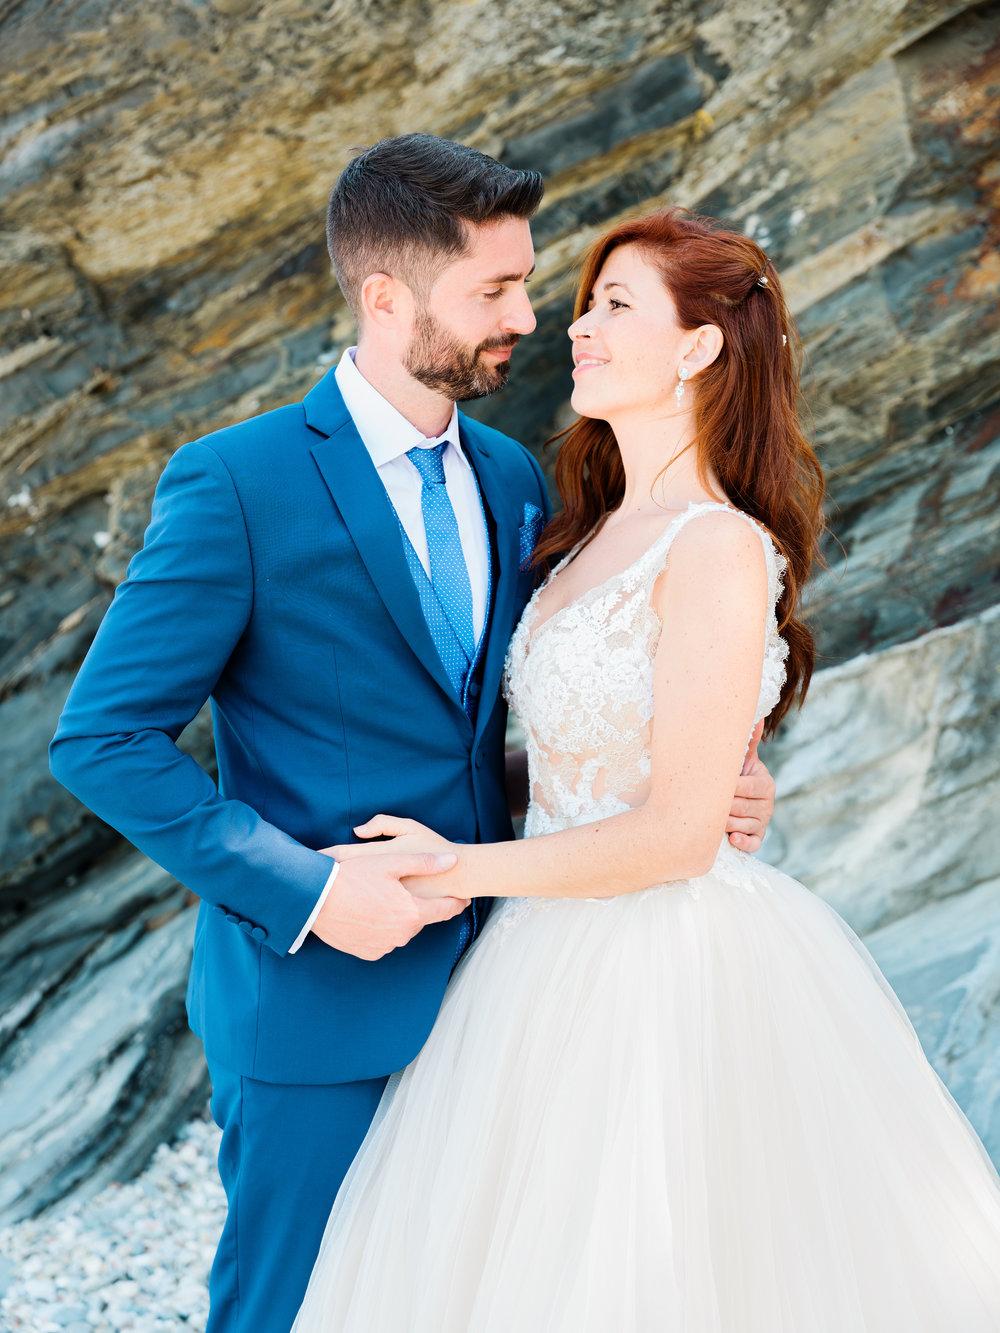 fotografia bodas cadaques20.jpg